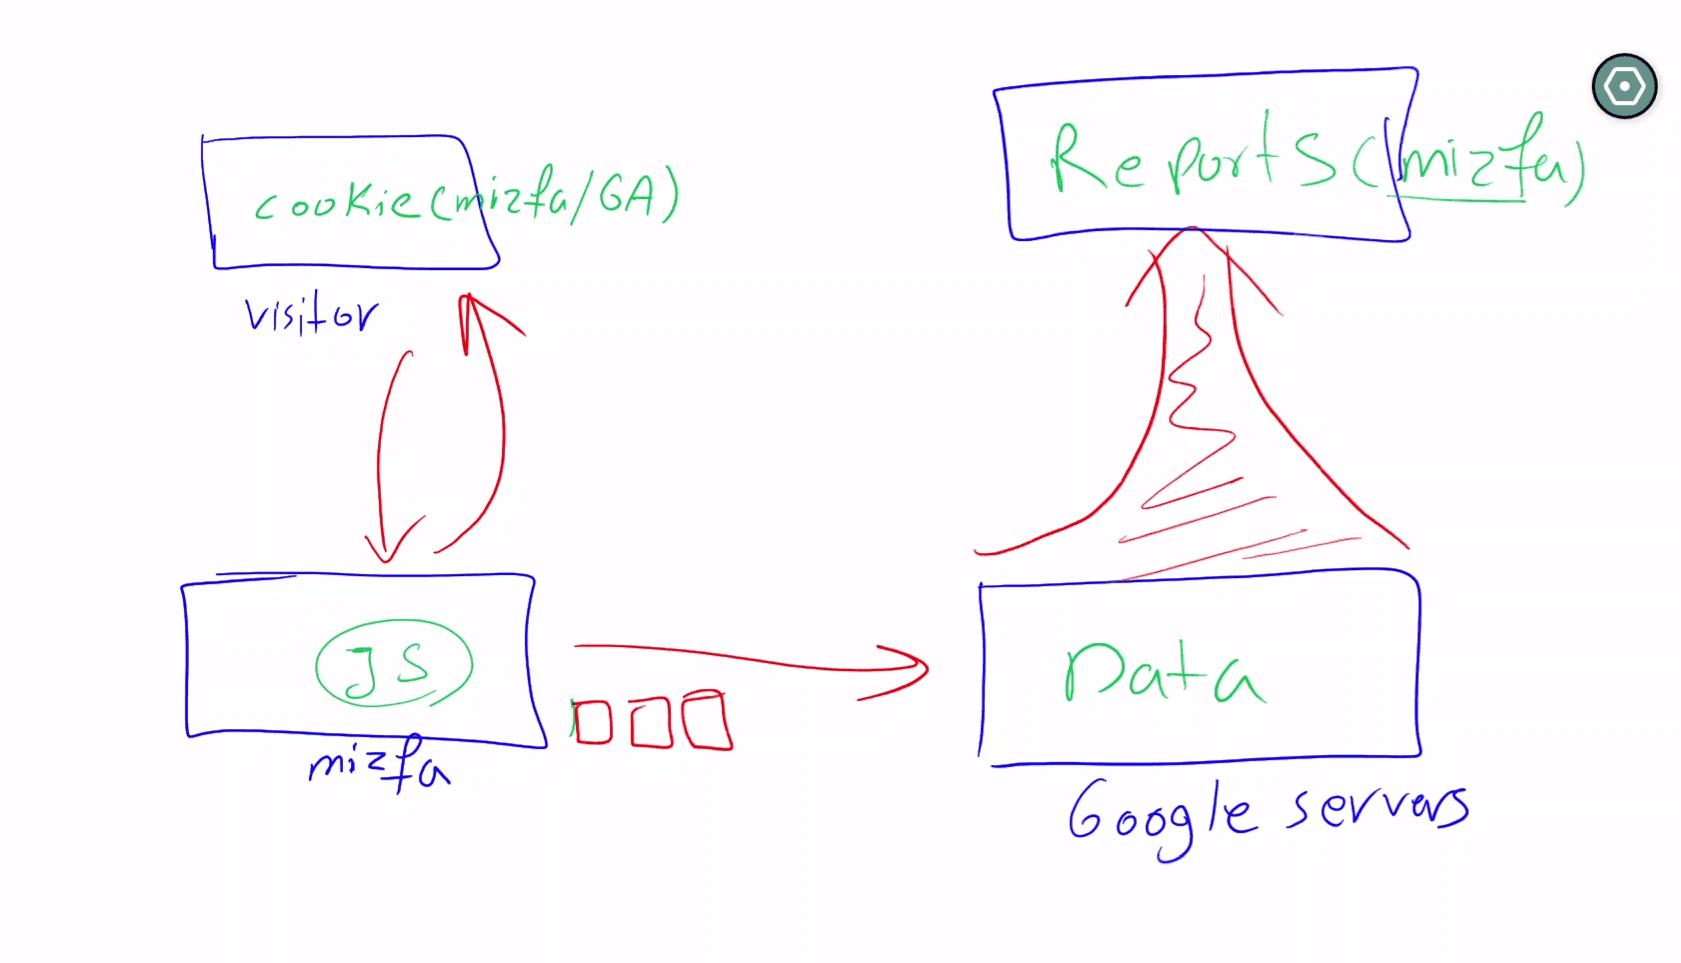 گوگل آنالیتیکس چطور کار میکند